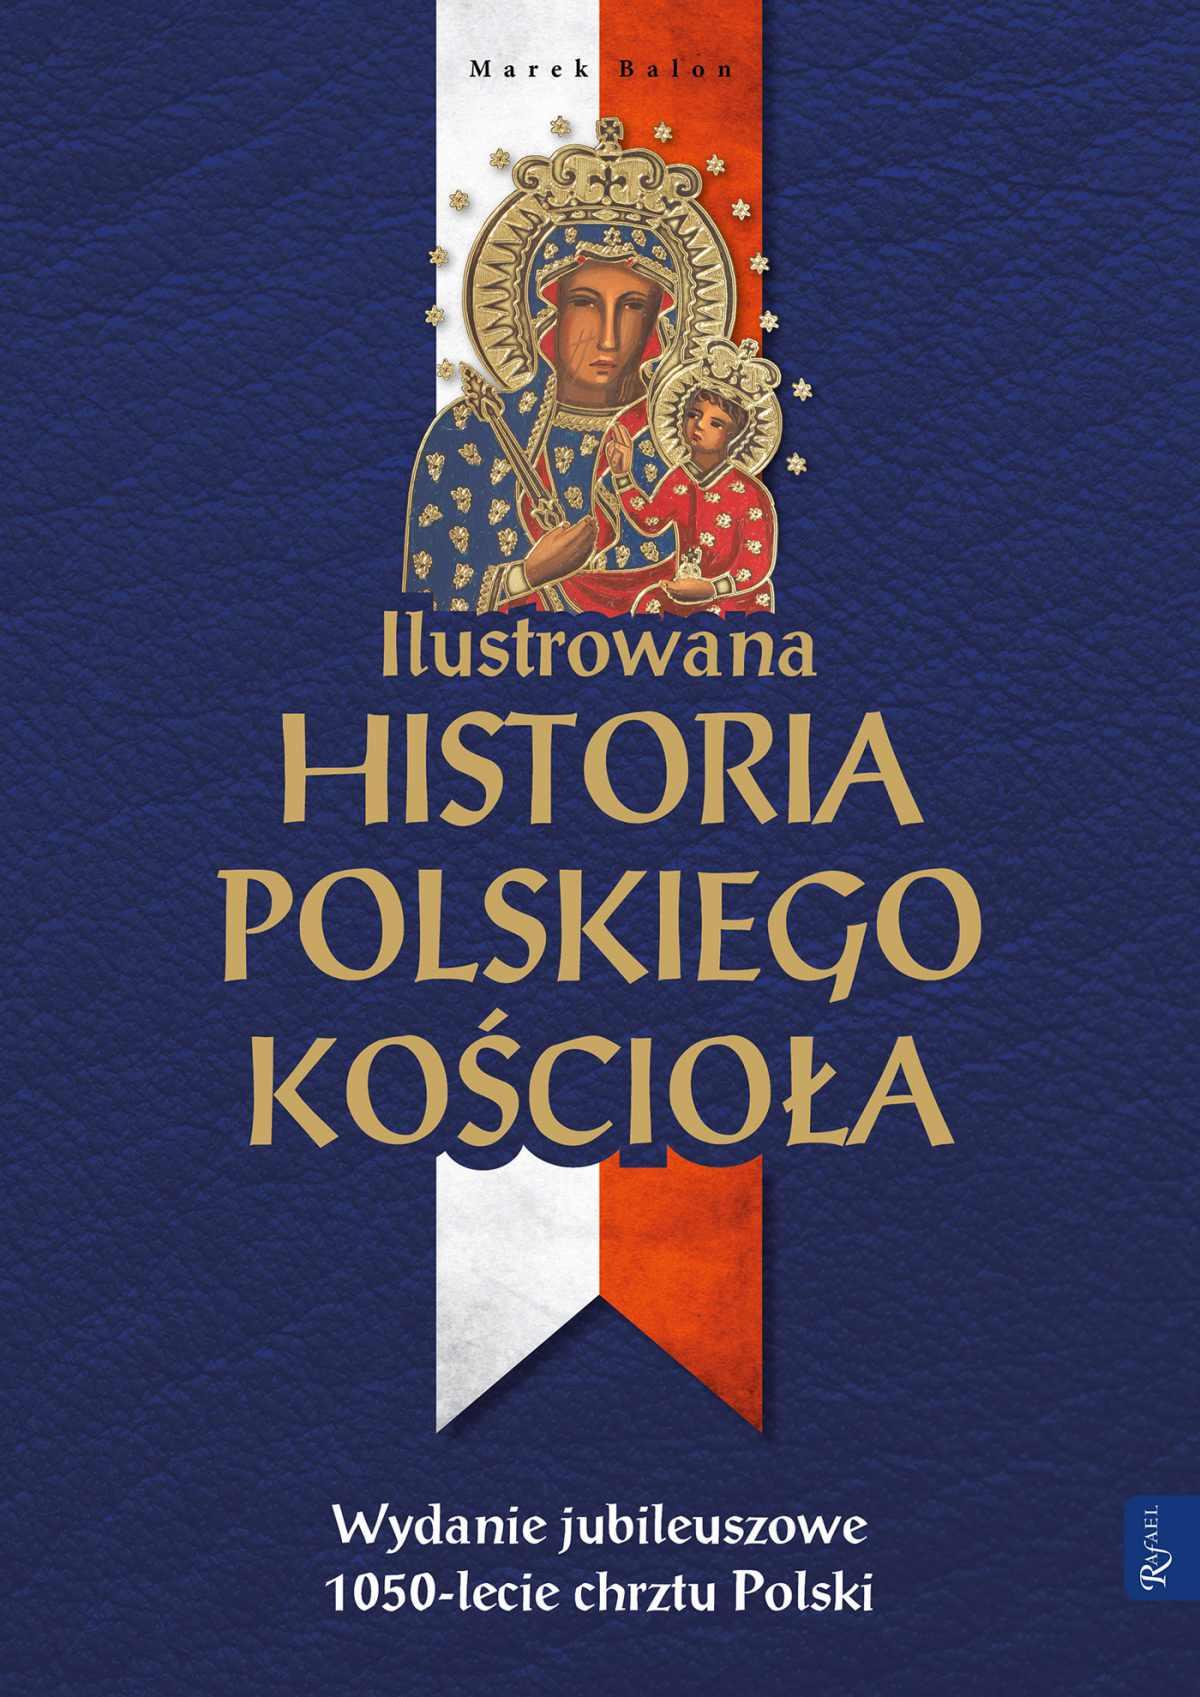 Ilustrowana historia polskiego Kościoła - Ebook (Książka na Kindle) do pobrania w formacie MOBI